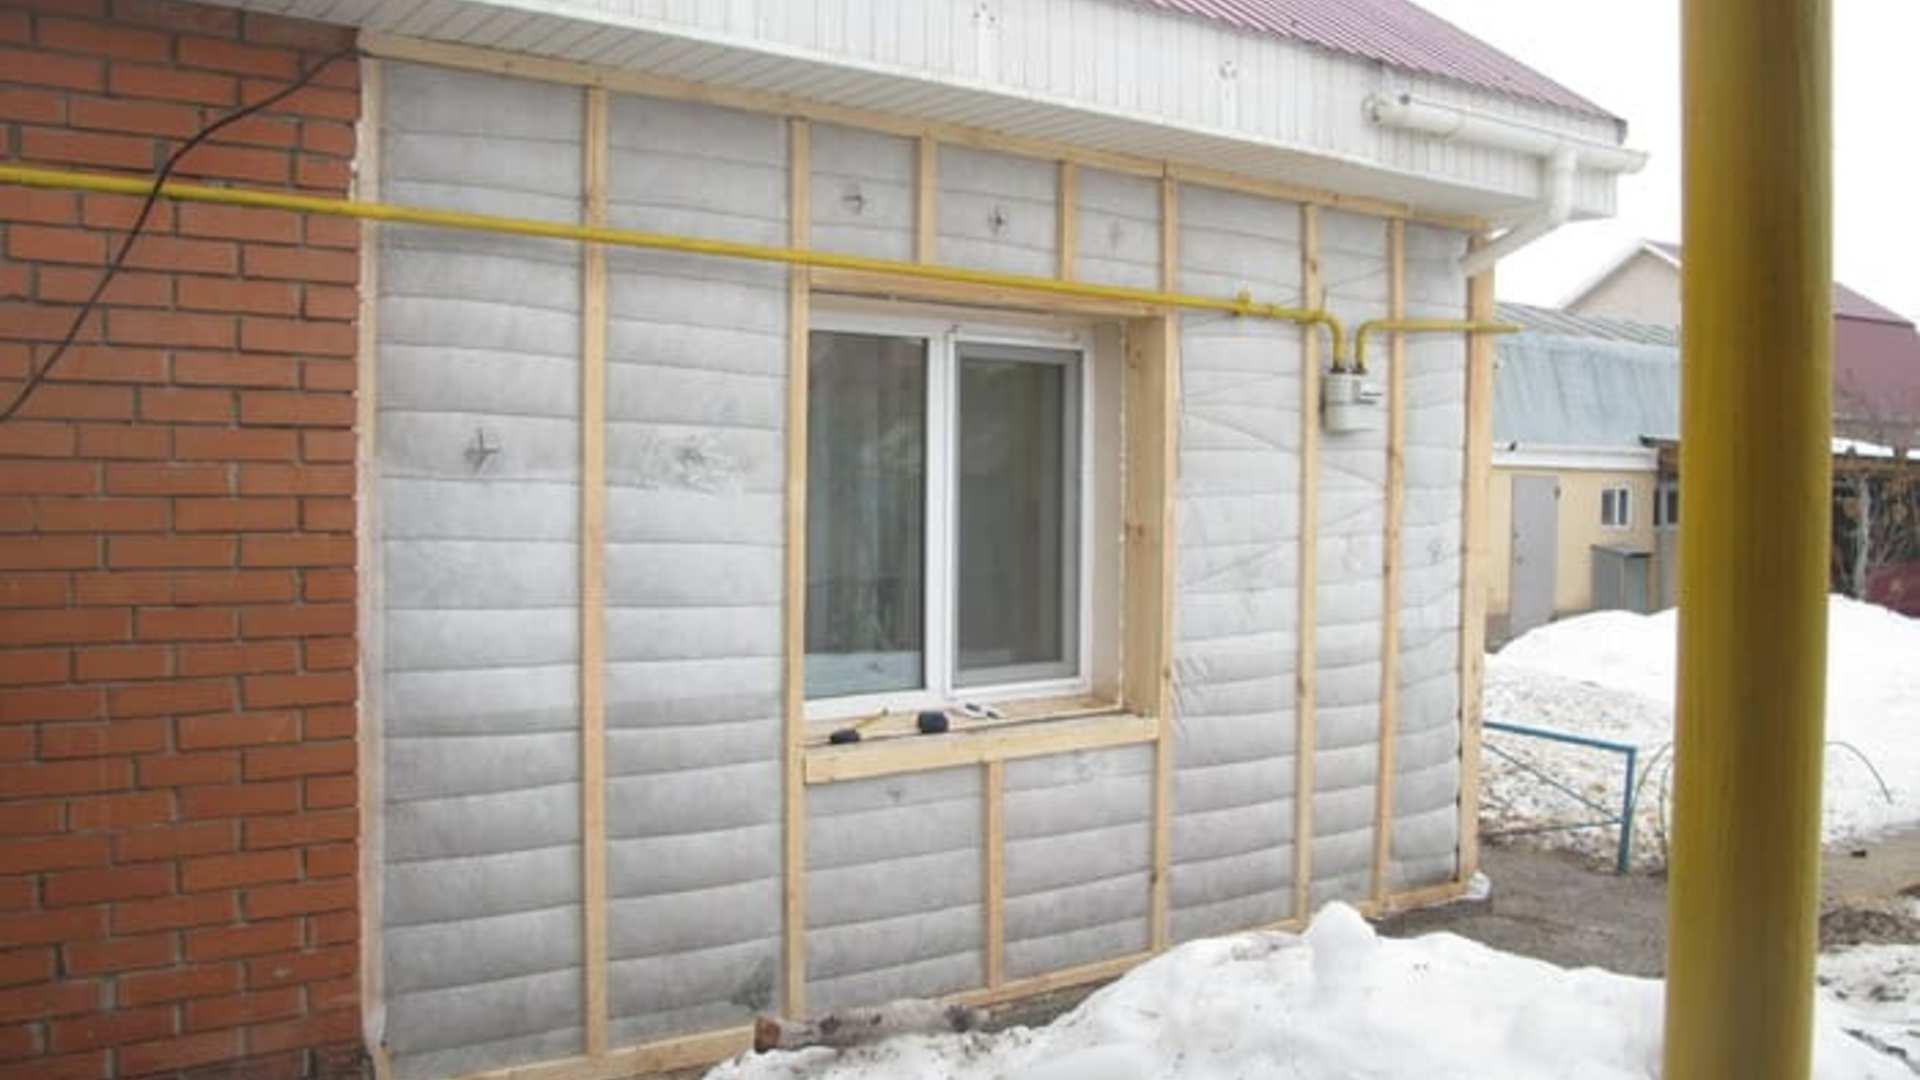 Чем утеплить стены между блоком и кирпичом. утепление дома. утепление дома из блоков и кирпича. технология утепления и облицовки стен